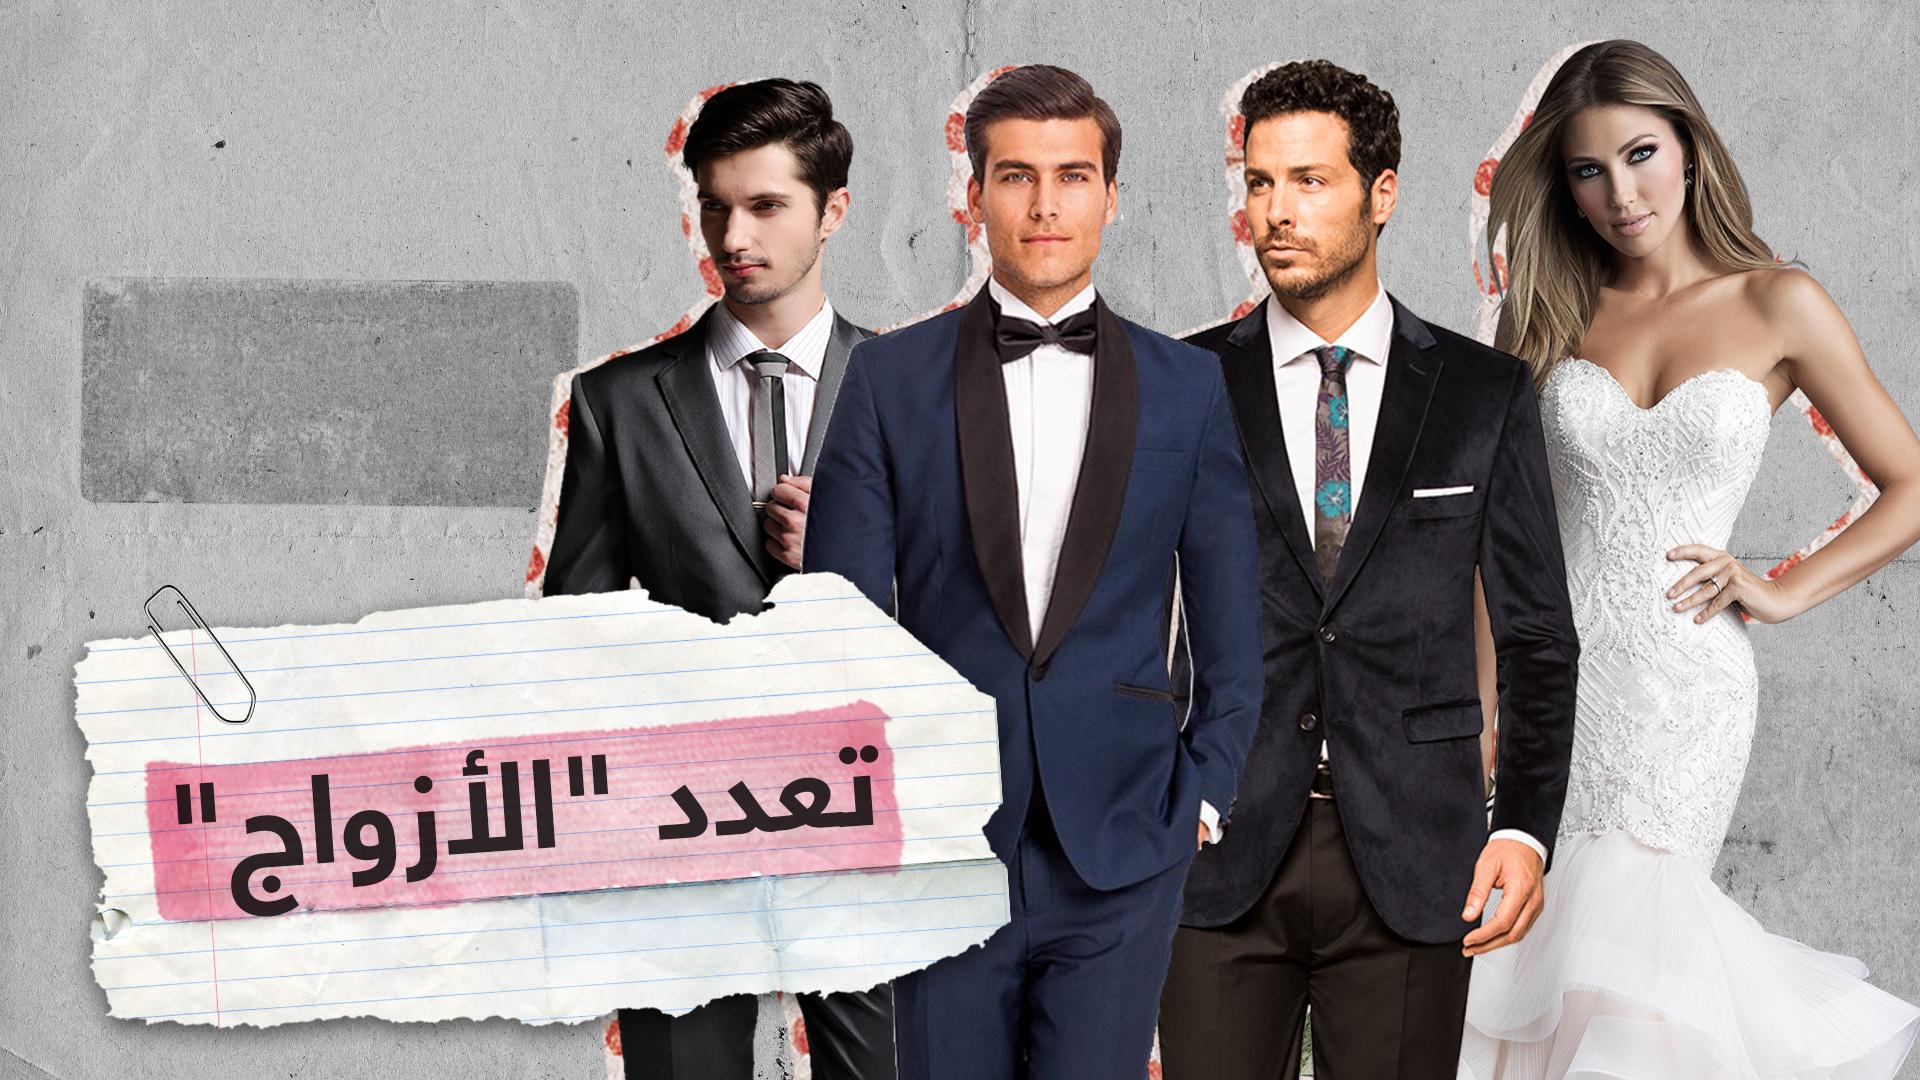 """علي البخيتي يثير الجدل بتصريحات عن رغبة النساء في """"تعدد الأزواج"""""""